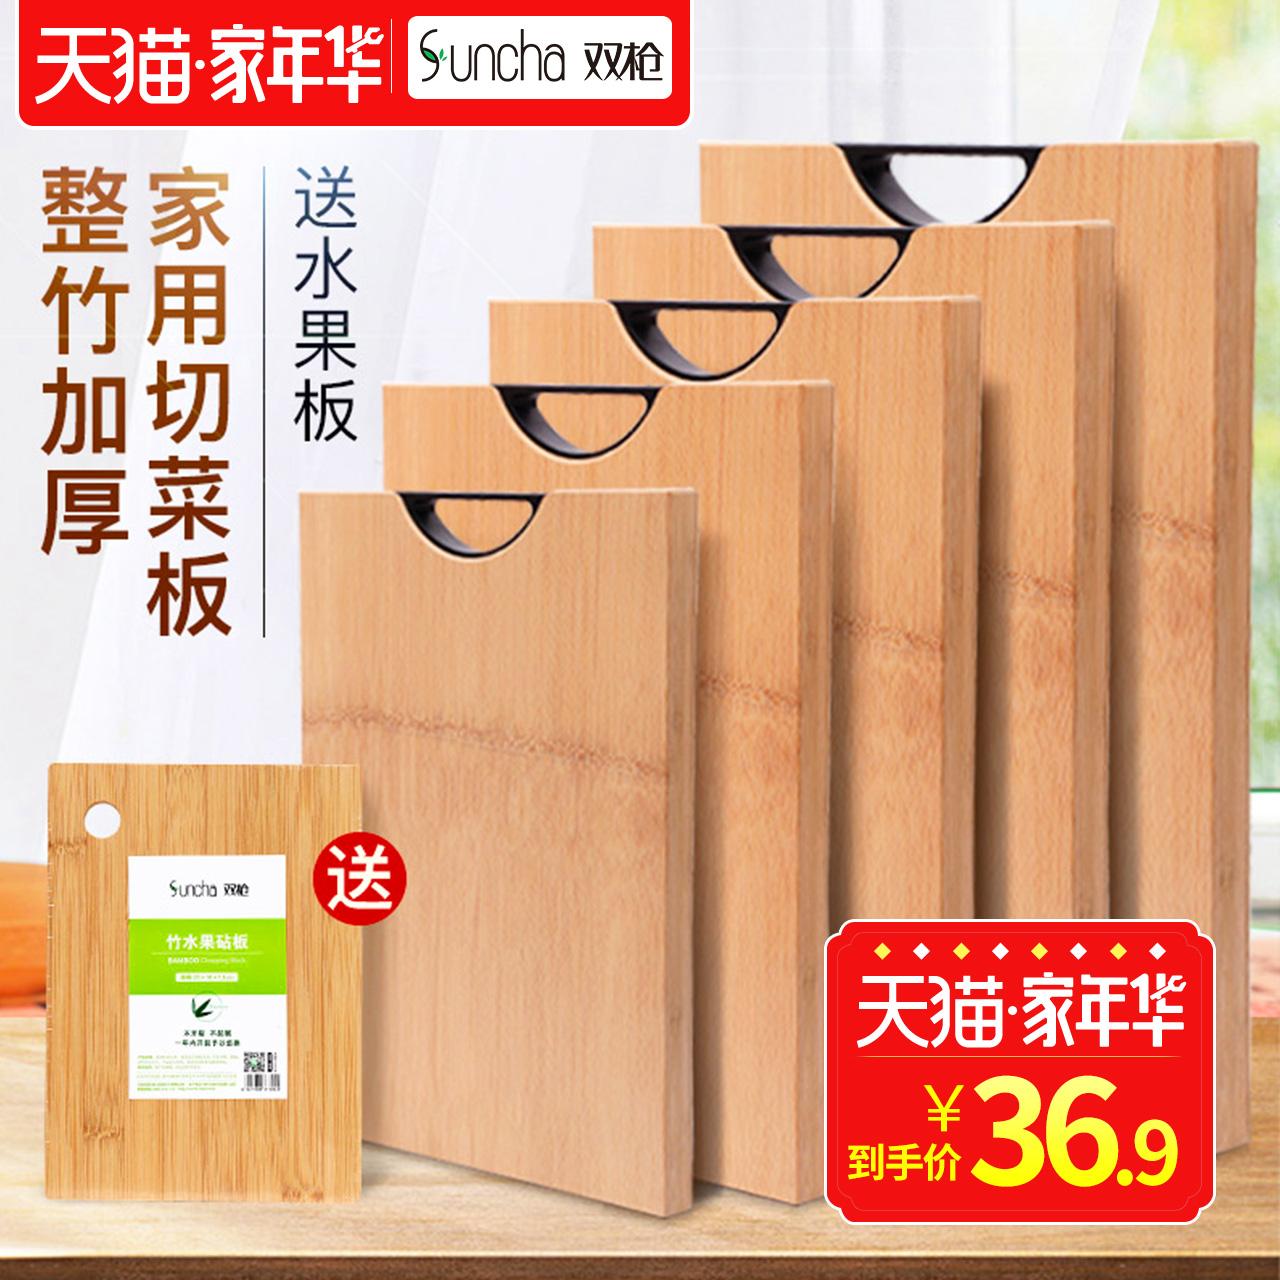 双**整竹切菜板厨房家用长方形砧板擀面板竹水果案板粘板实木菜板